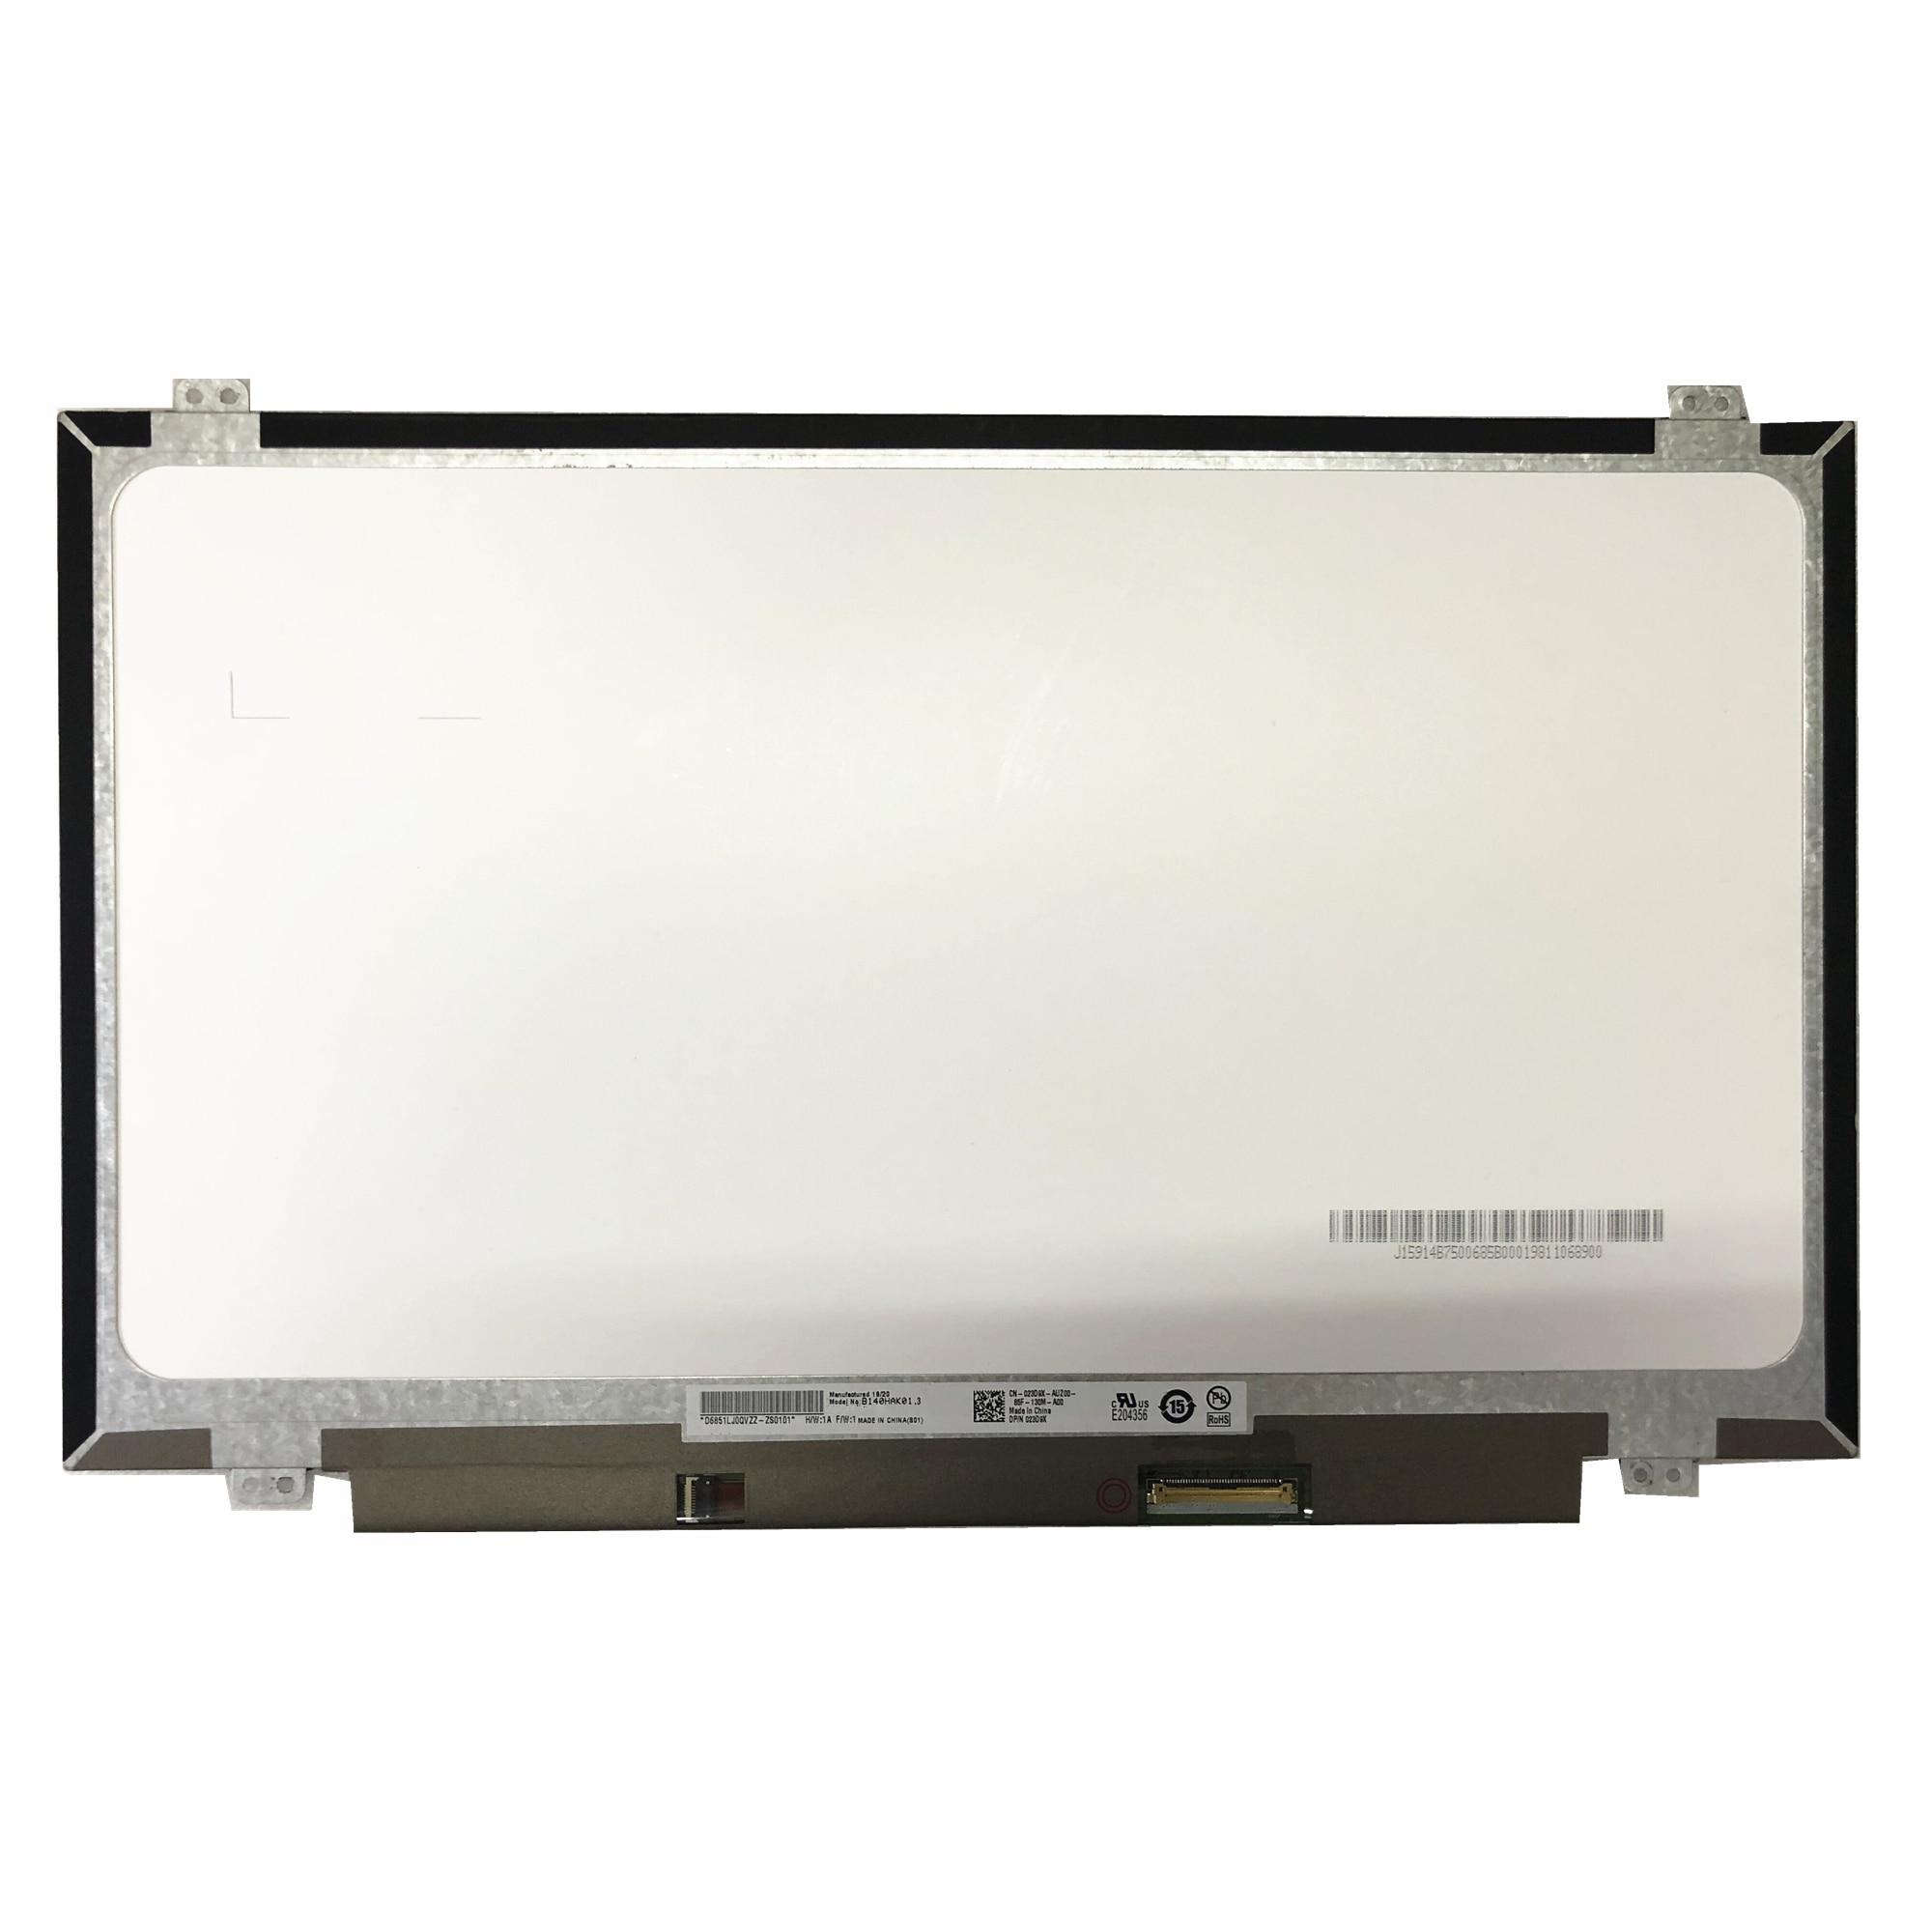 شاشة كمبيوتر محمول LED LCD تعمل باللمس ، 14.0 بوصة ، 1920 × 1080 EDP ، 40 دبوس ، شحن مجاني ، B140HAK01.3